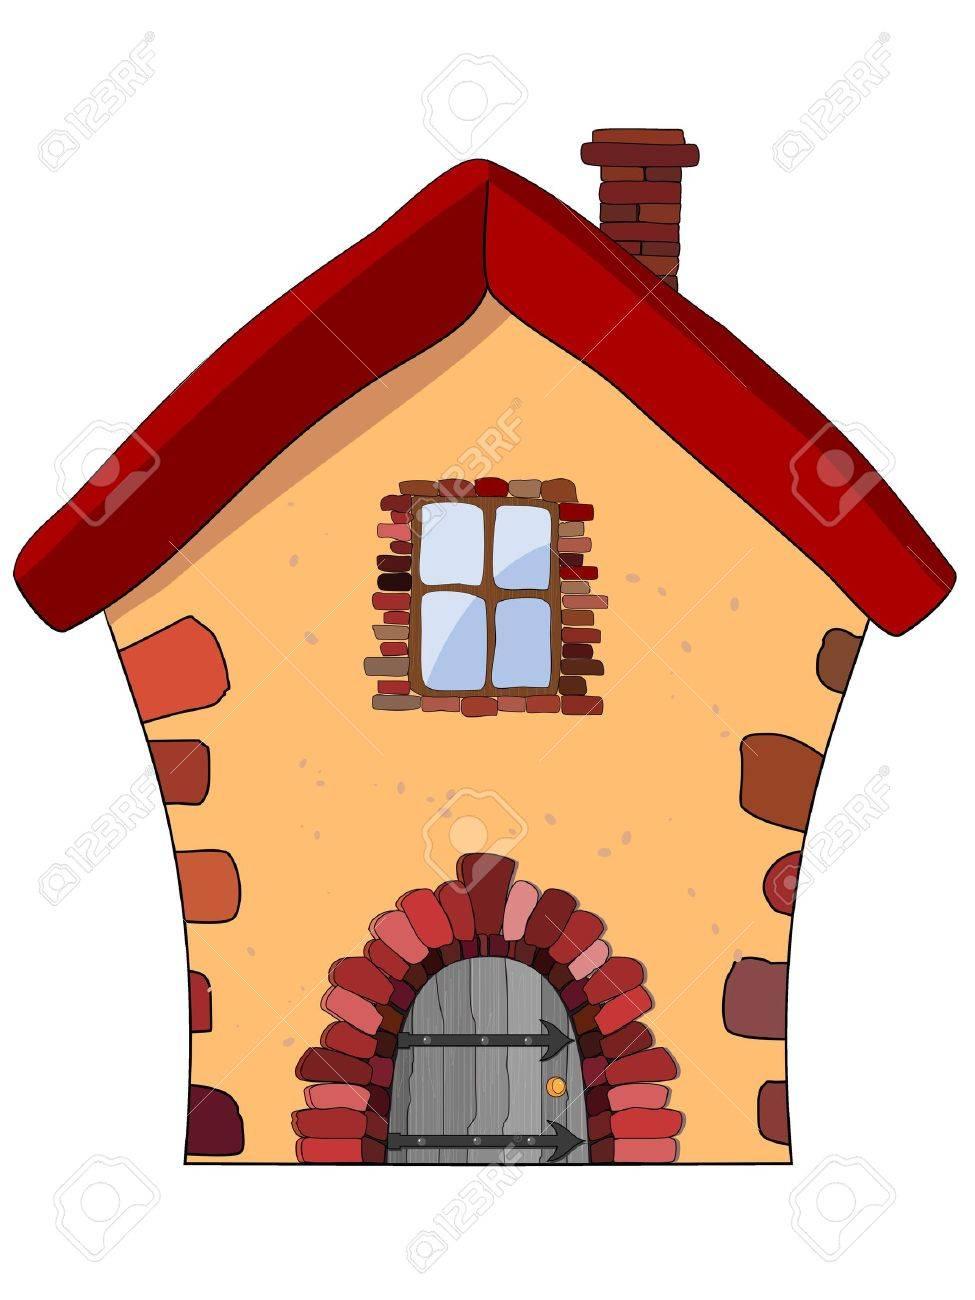 石造りの家のベクトル イラスト ロイヤリティフリークリップアート